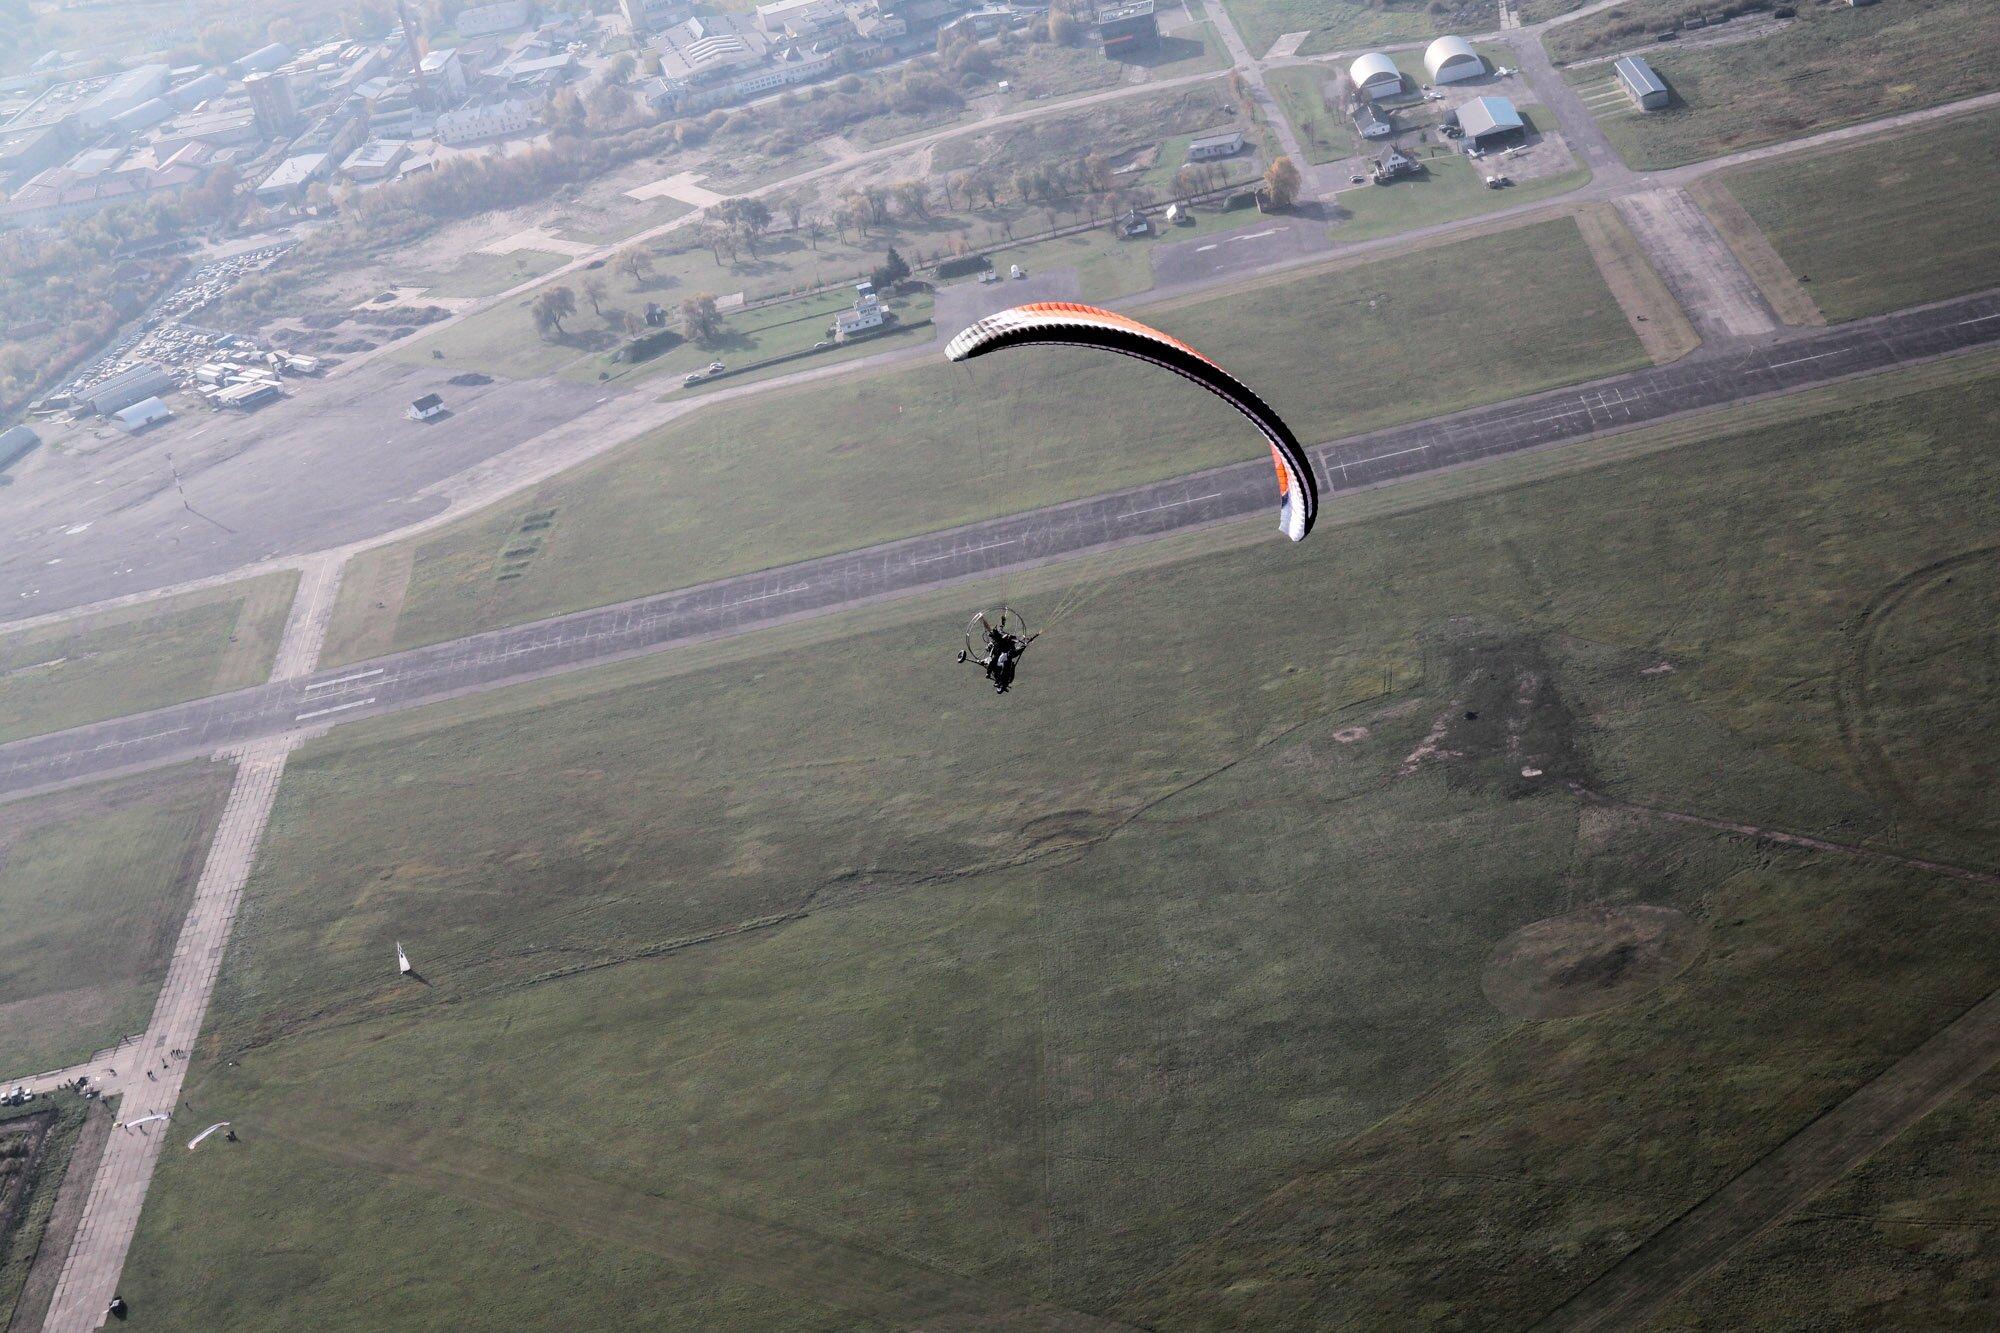 S.Dariaus ir S.Girėno oro uostas (Aleksoto aerodromas)